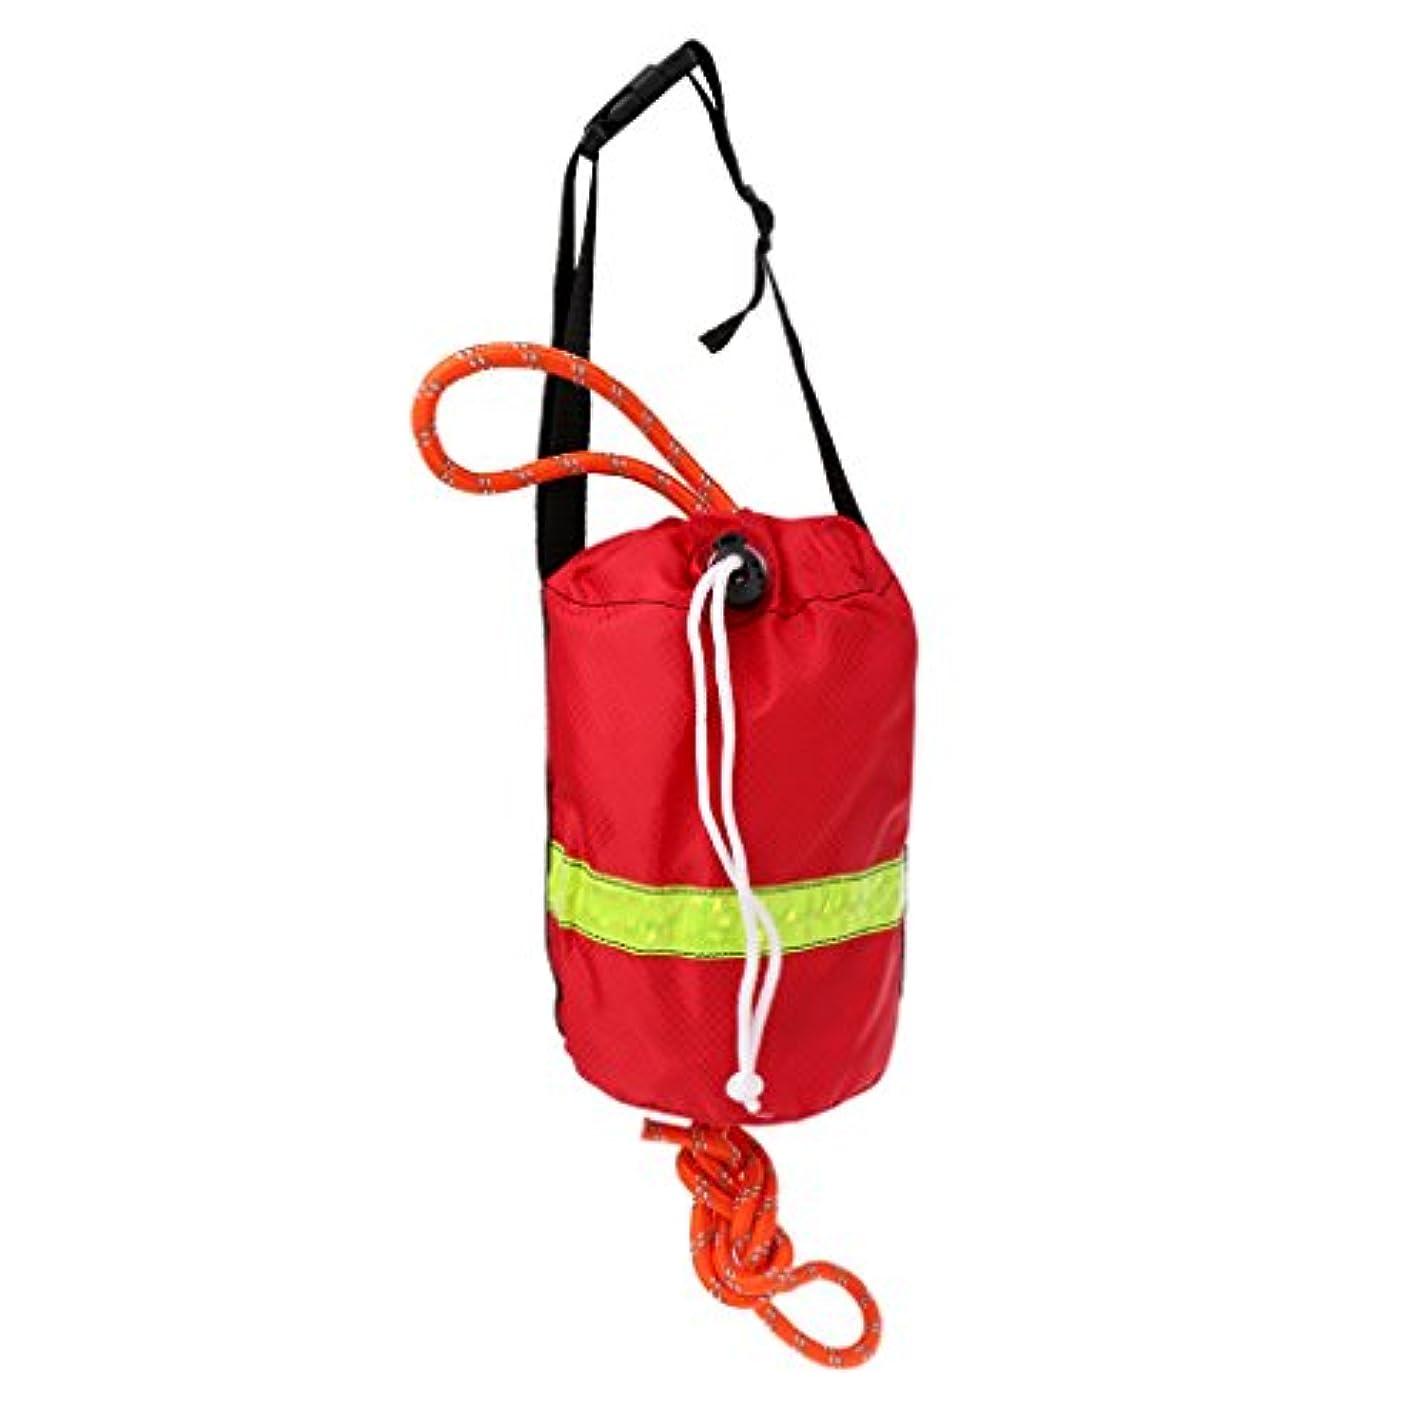 外出非難スリップSM SunniMix 反射性 スローバッグ スローライン ロープ カヤック ボート 水上スポーツ 安全装置 浮遊ロープ 品質保証 全2色2サイズ